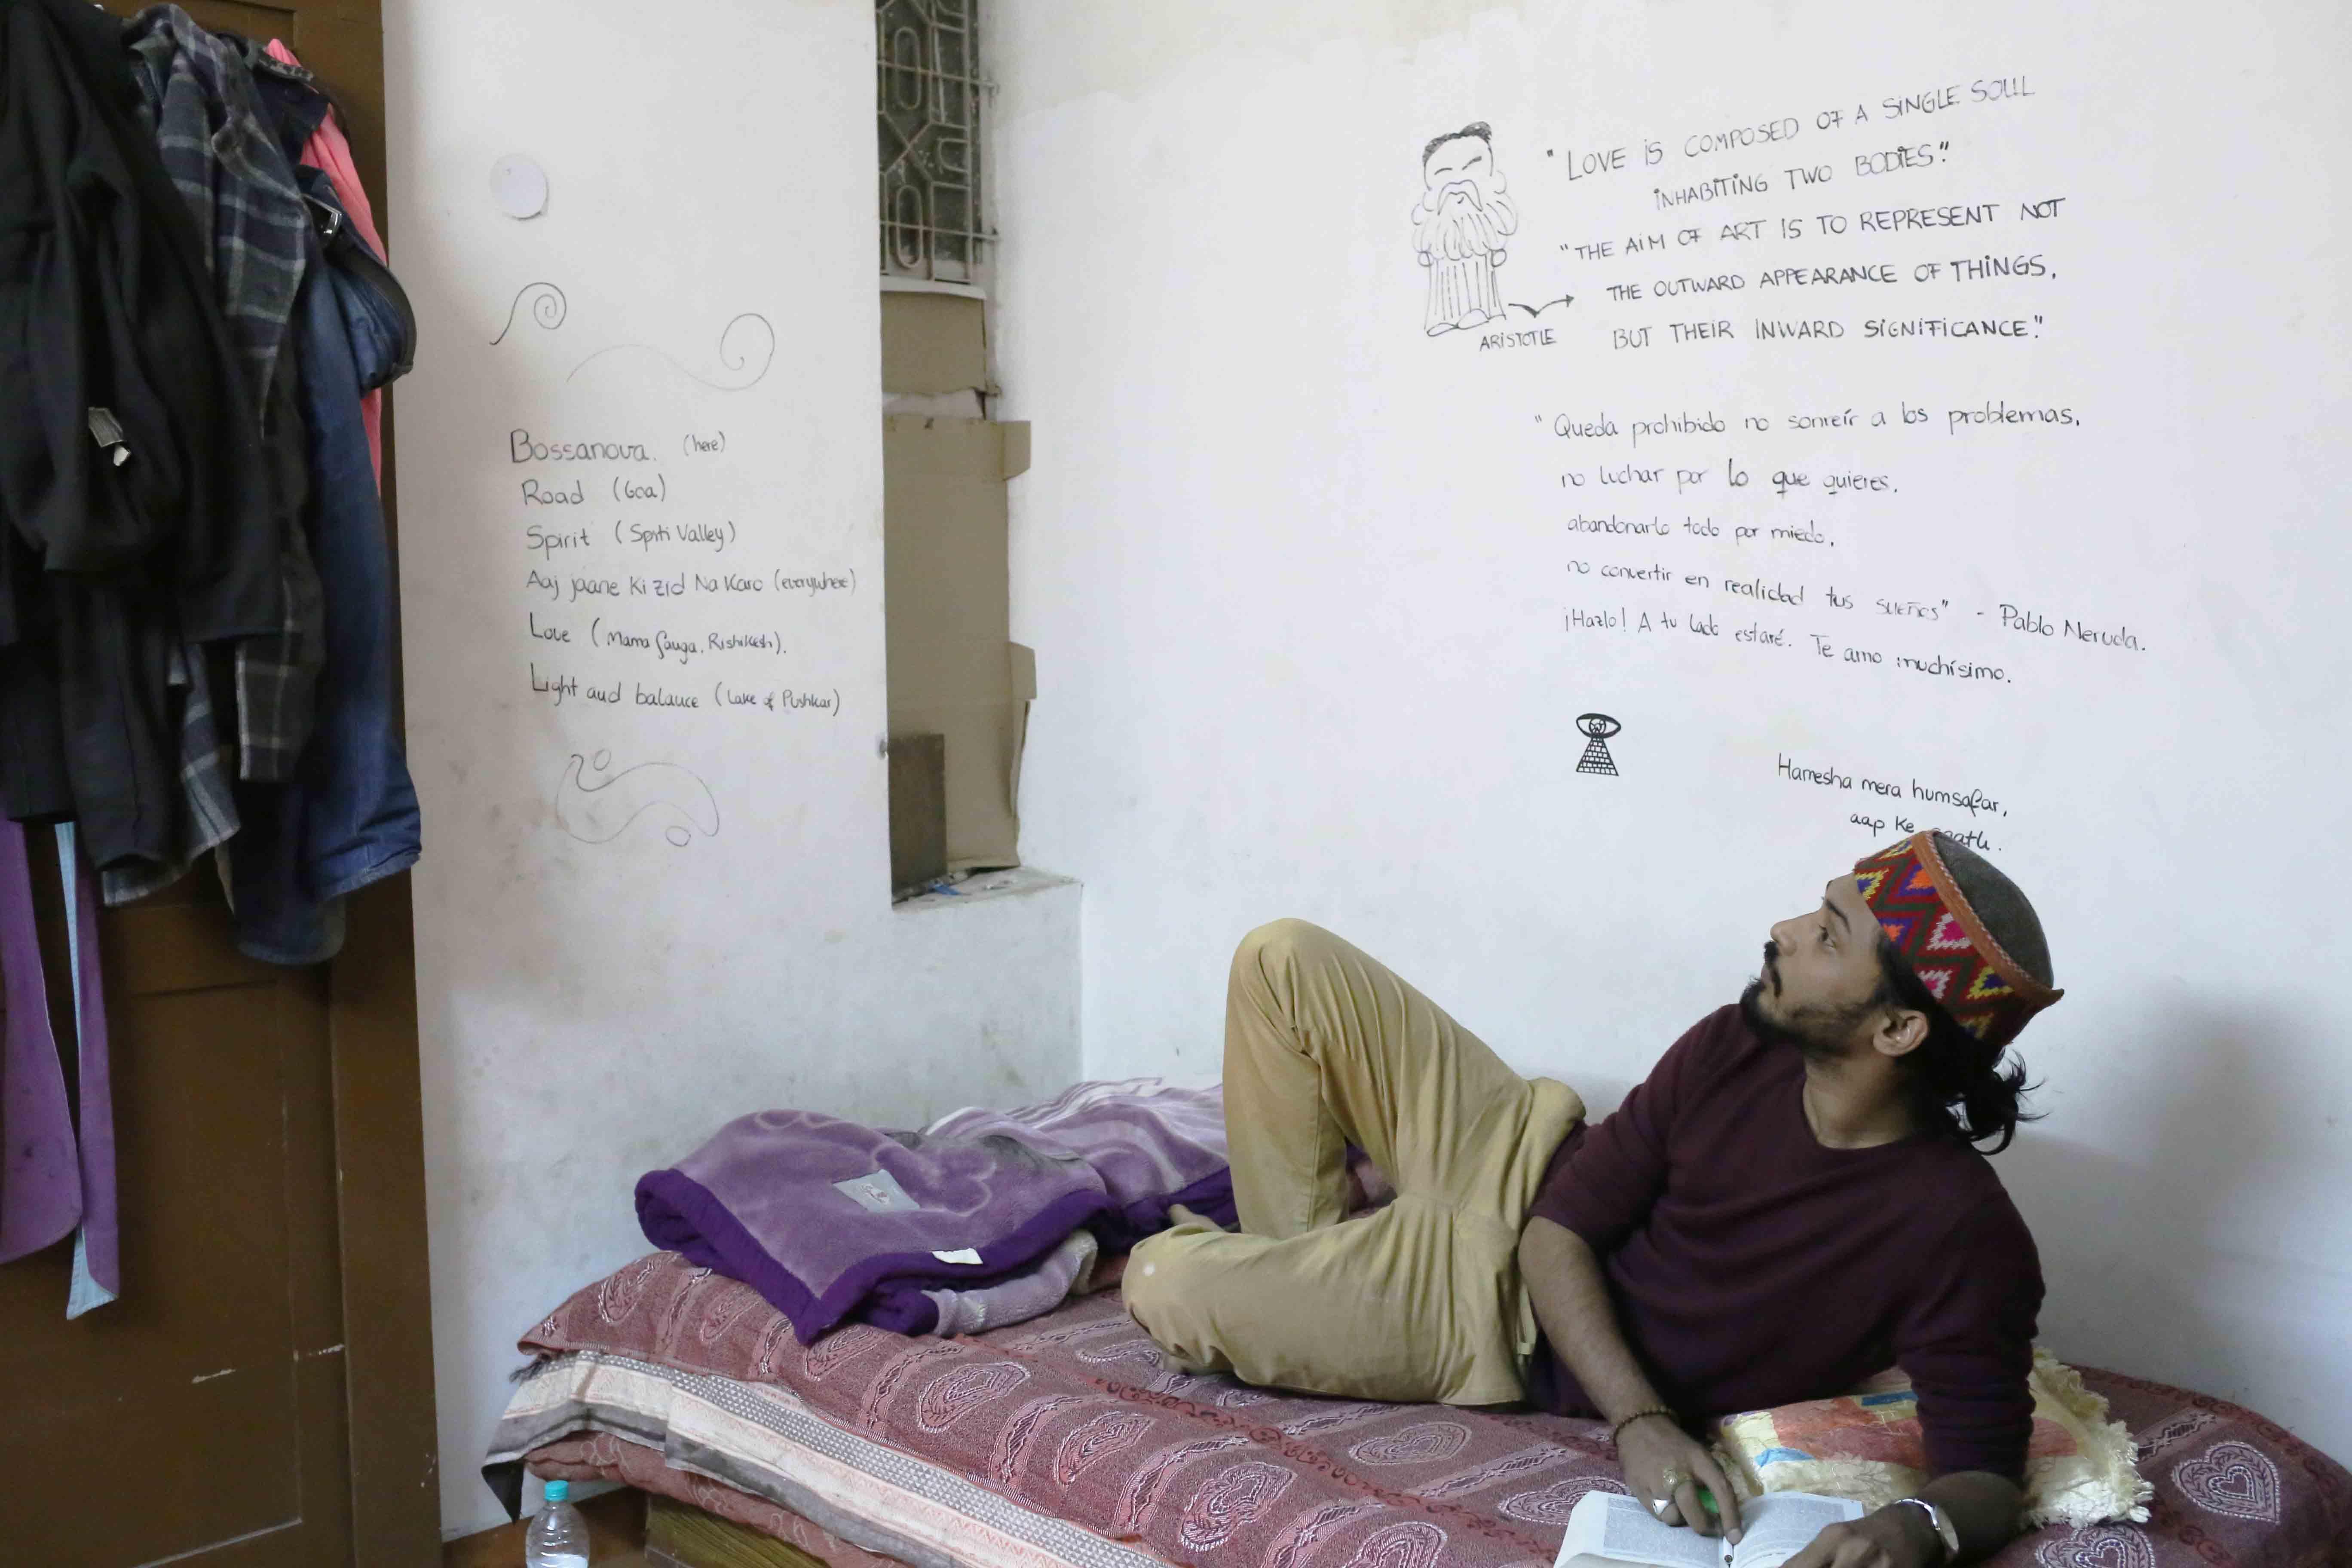 Home Sweet Home – Pratyush Pushkar's Residence, Hauz Khas Village